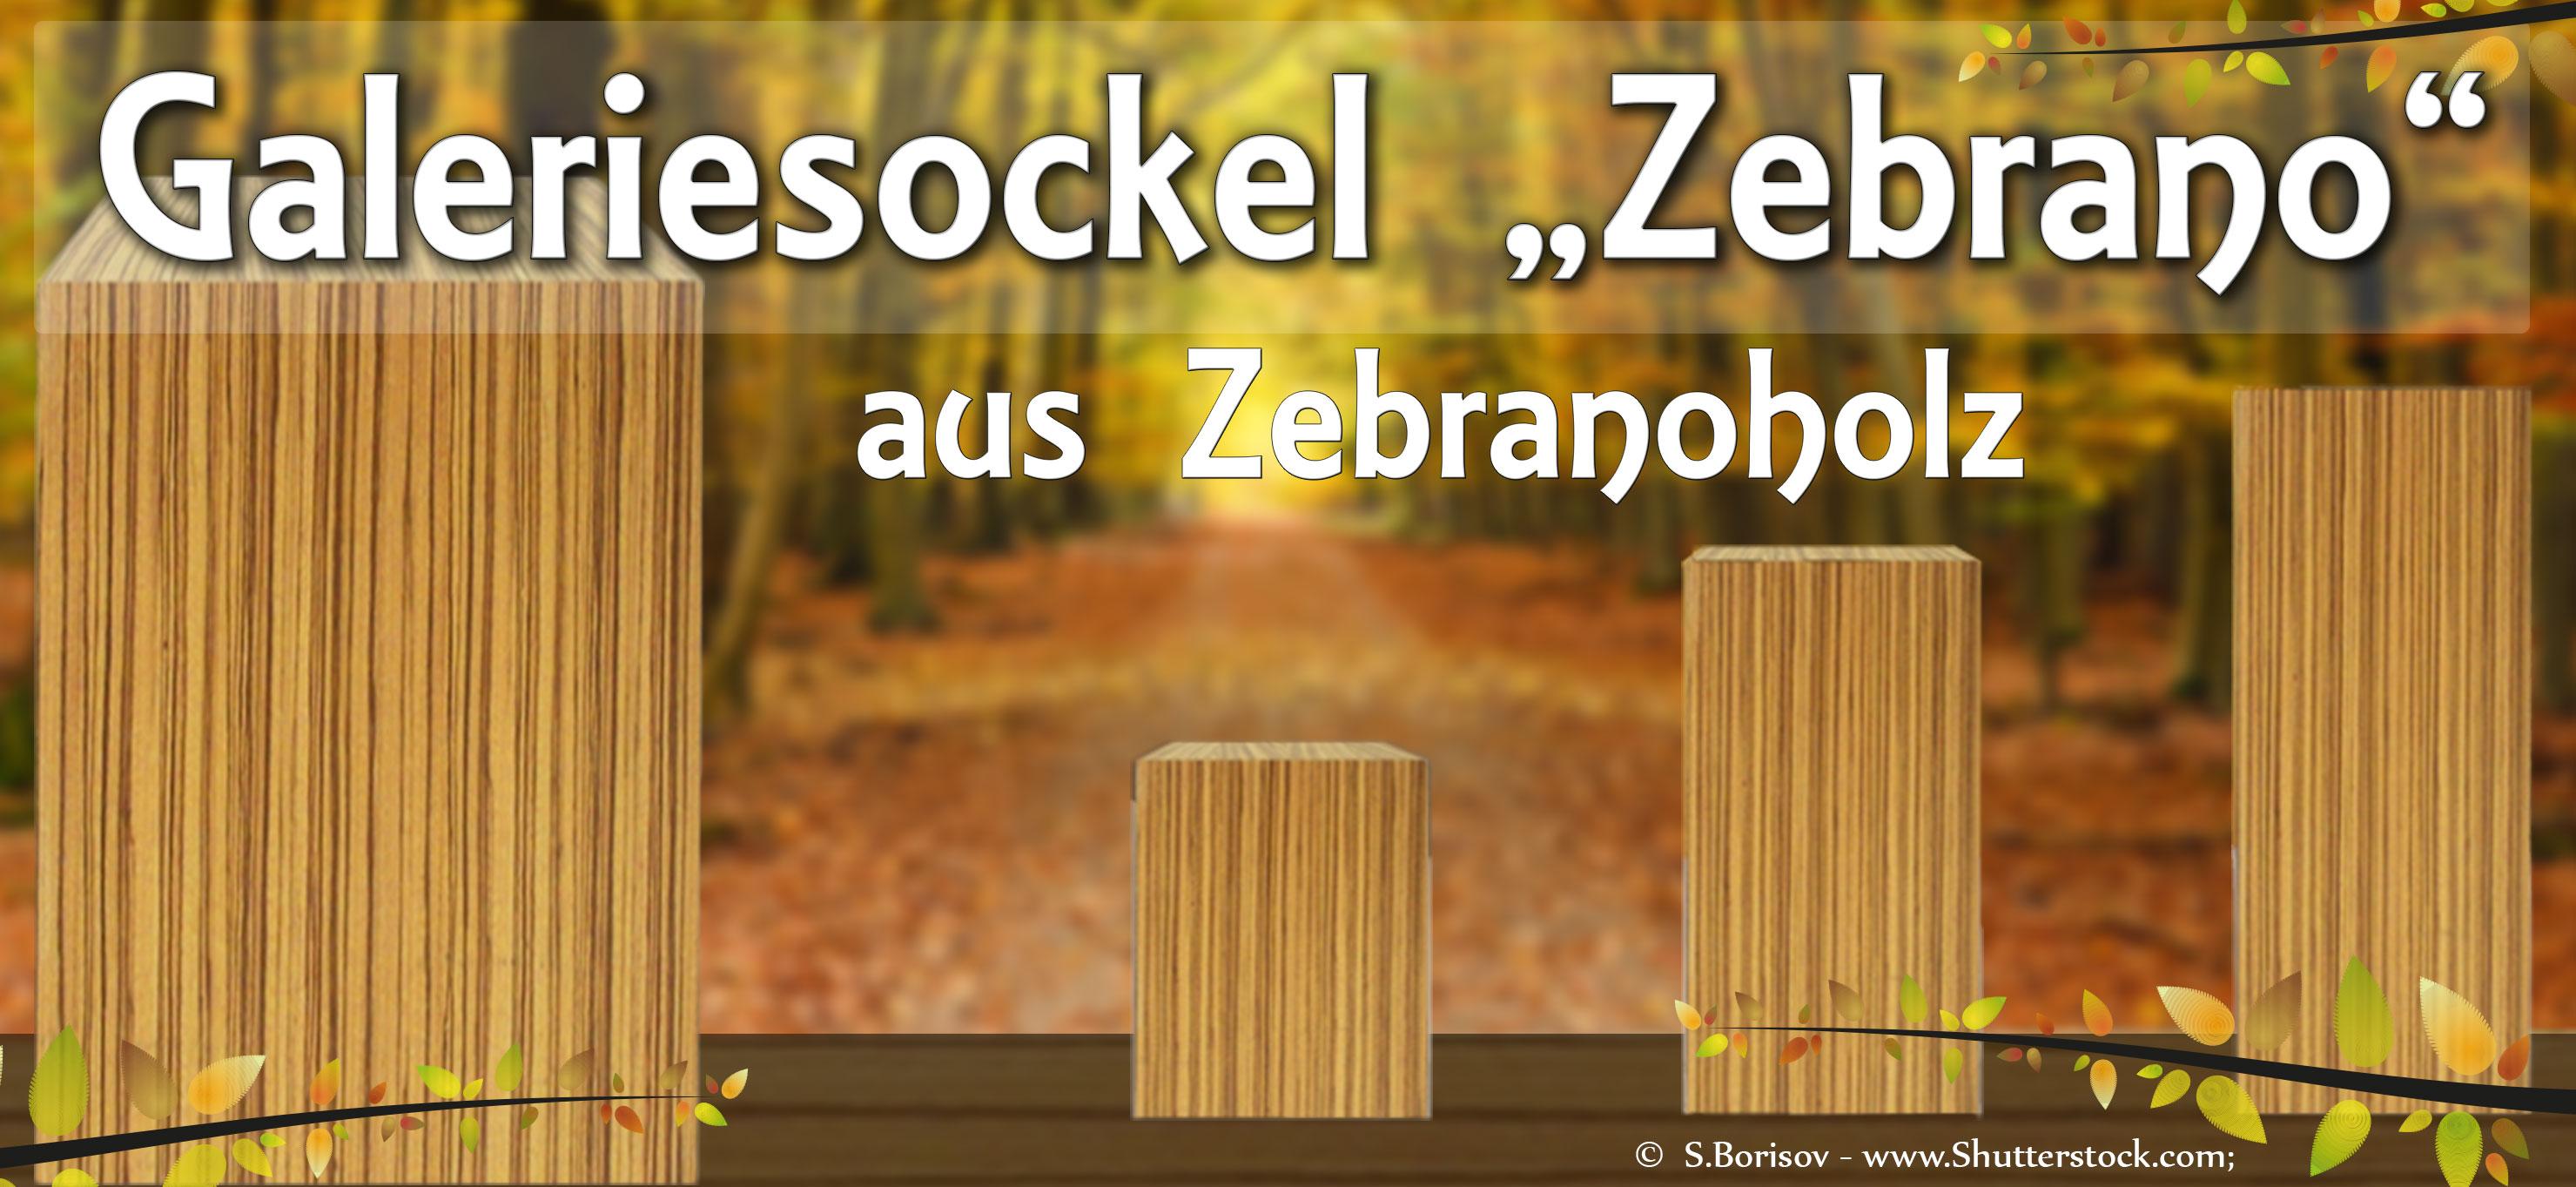 Zebrano-sockel